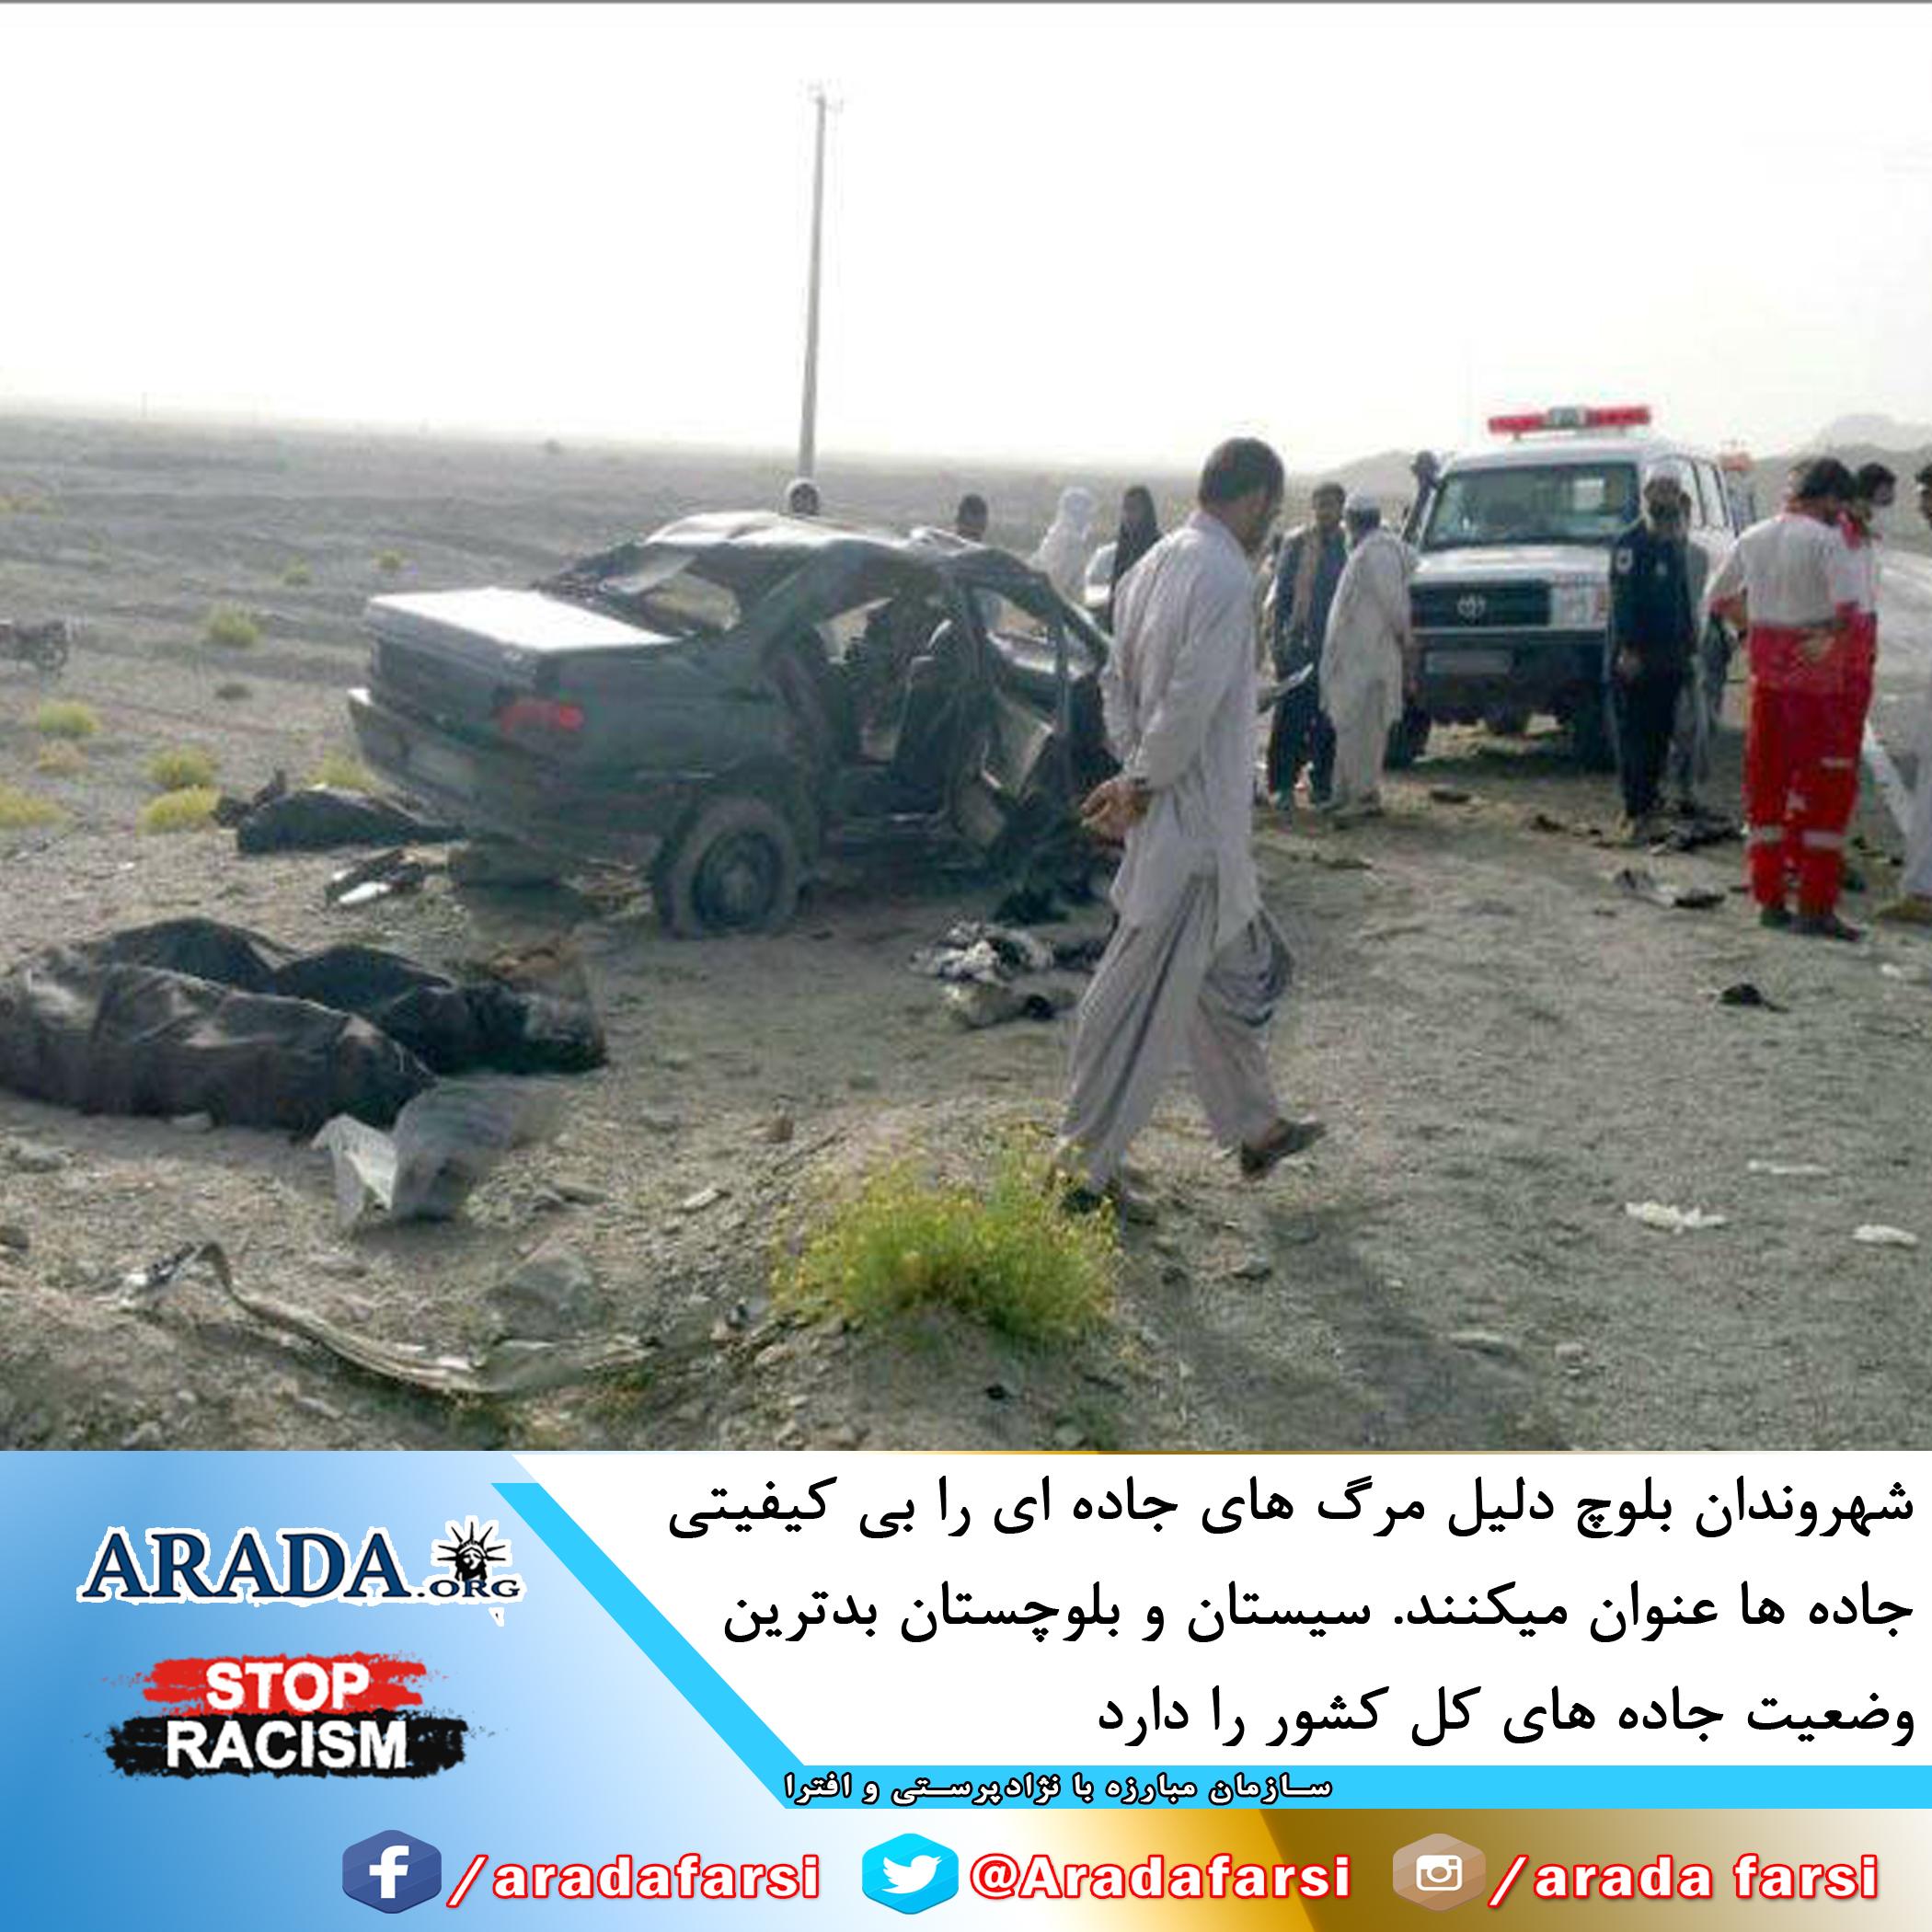 ۱۱۷ کشته و زخمی درسیستان و بلوچستان در خلال بیست روز